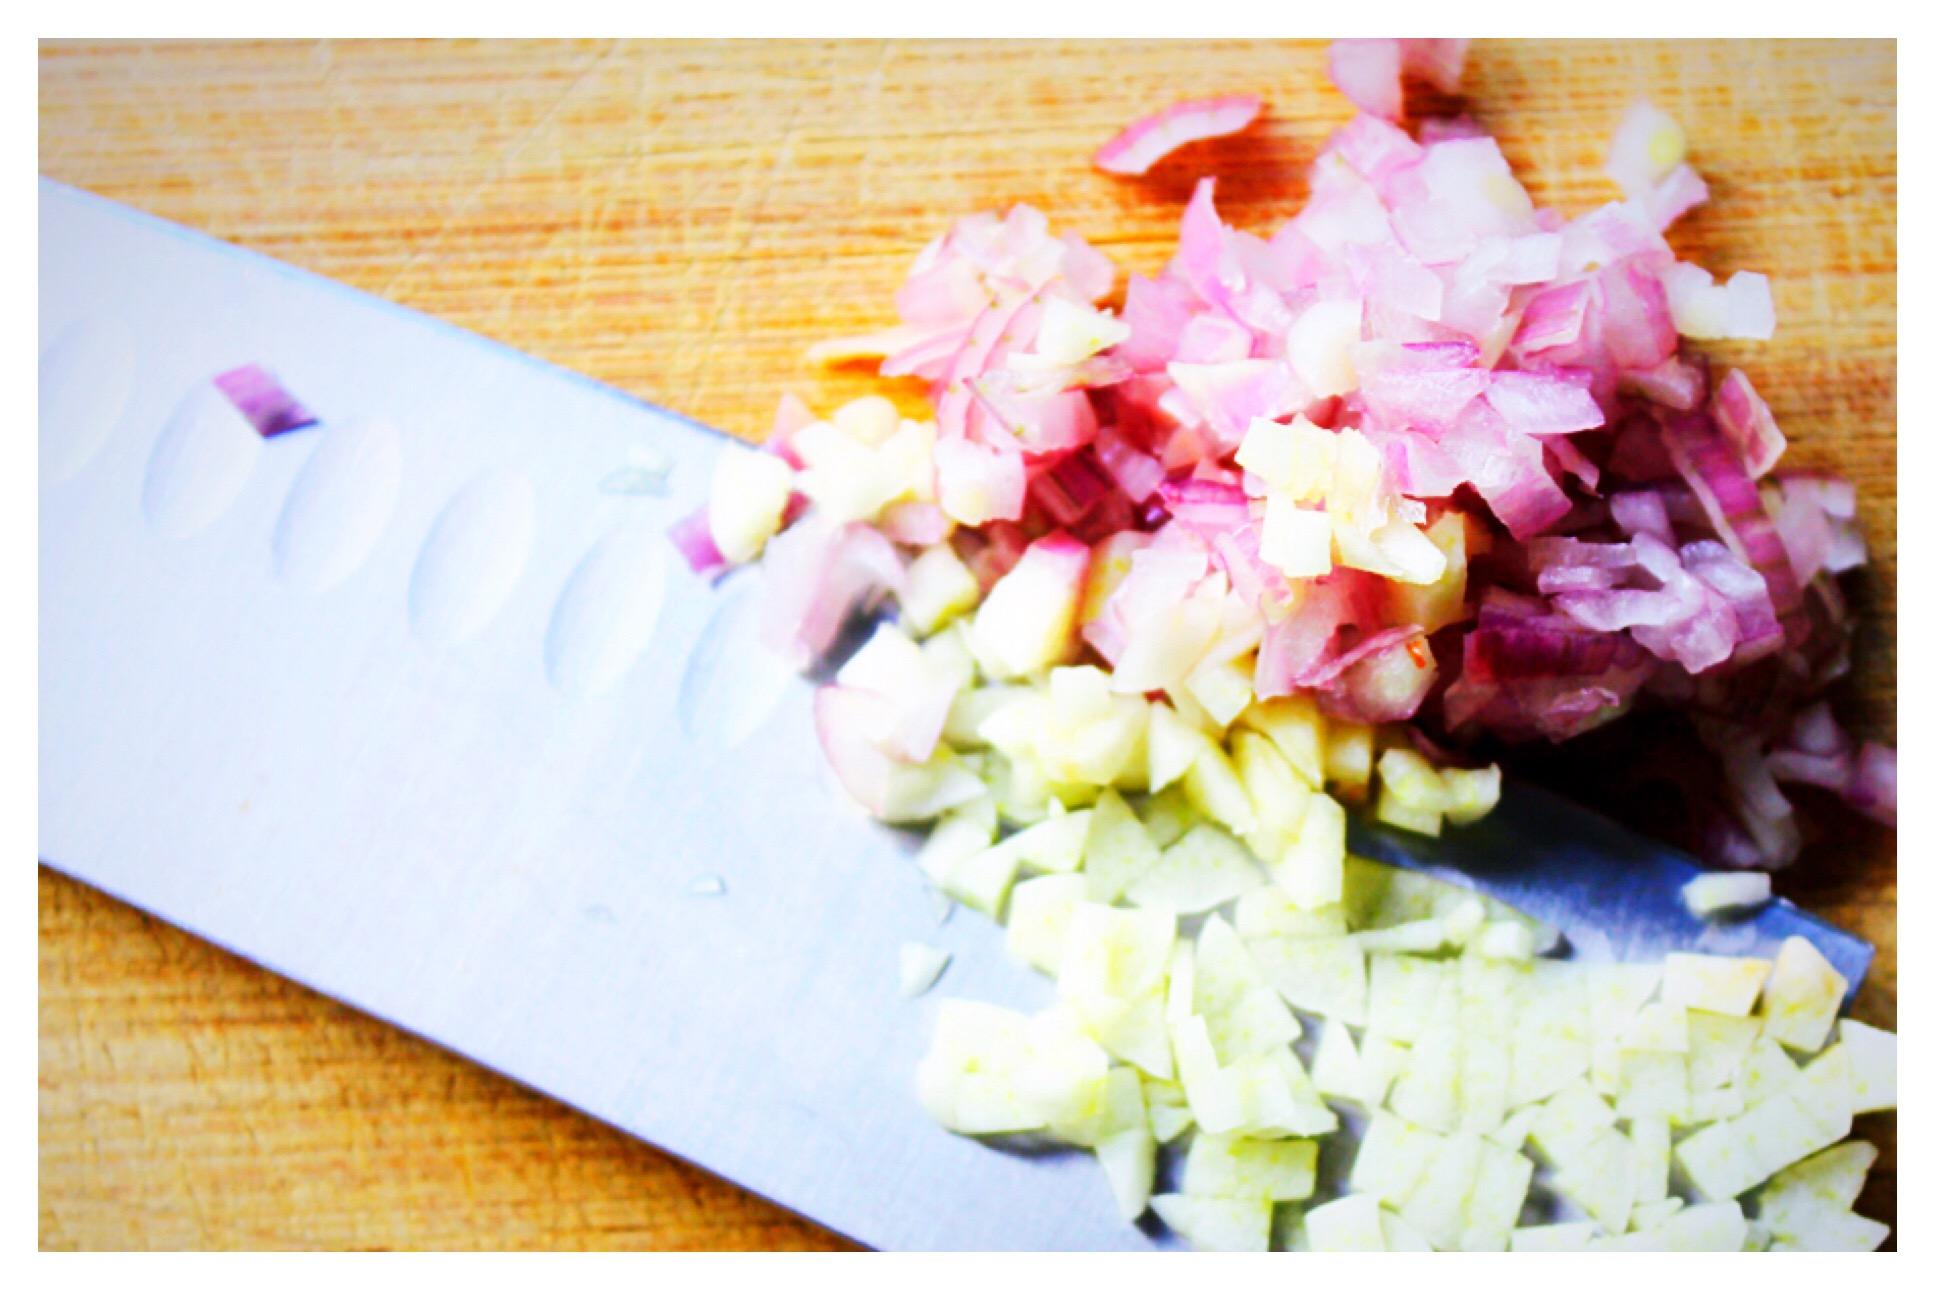 shallots-and-garlic